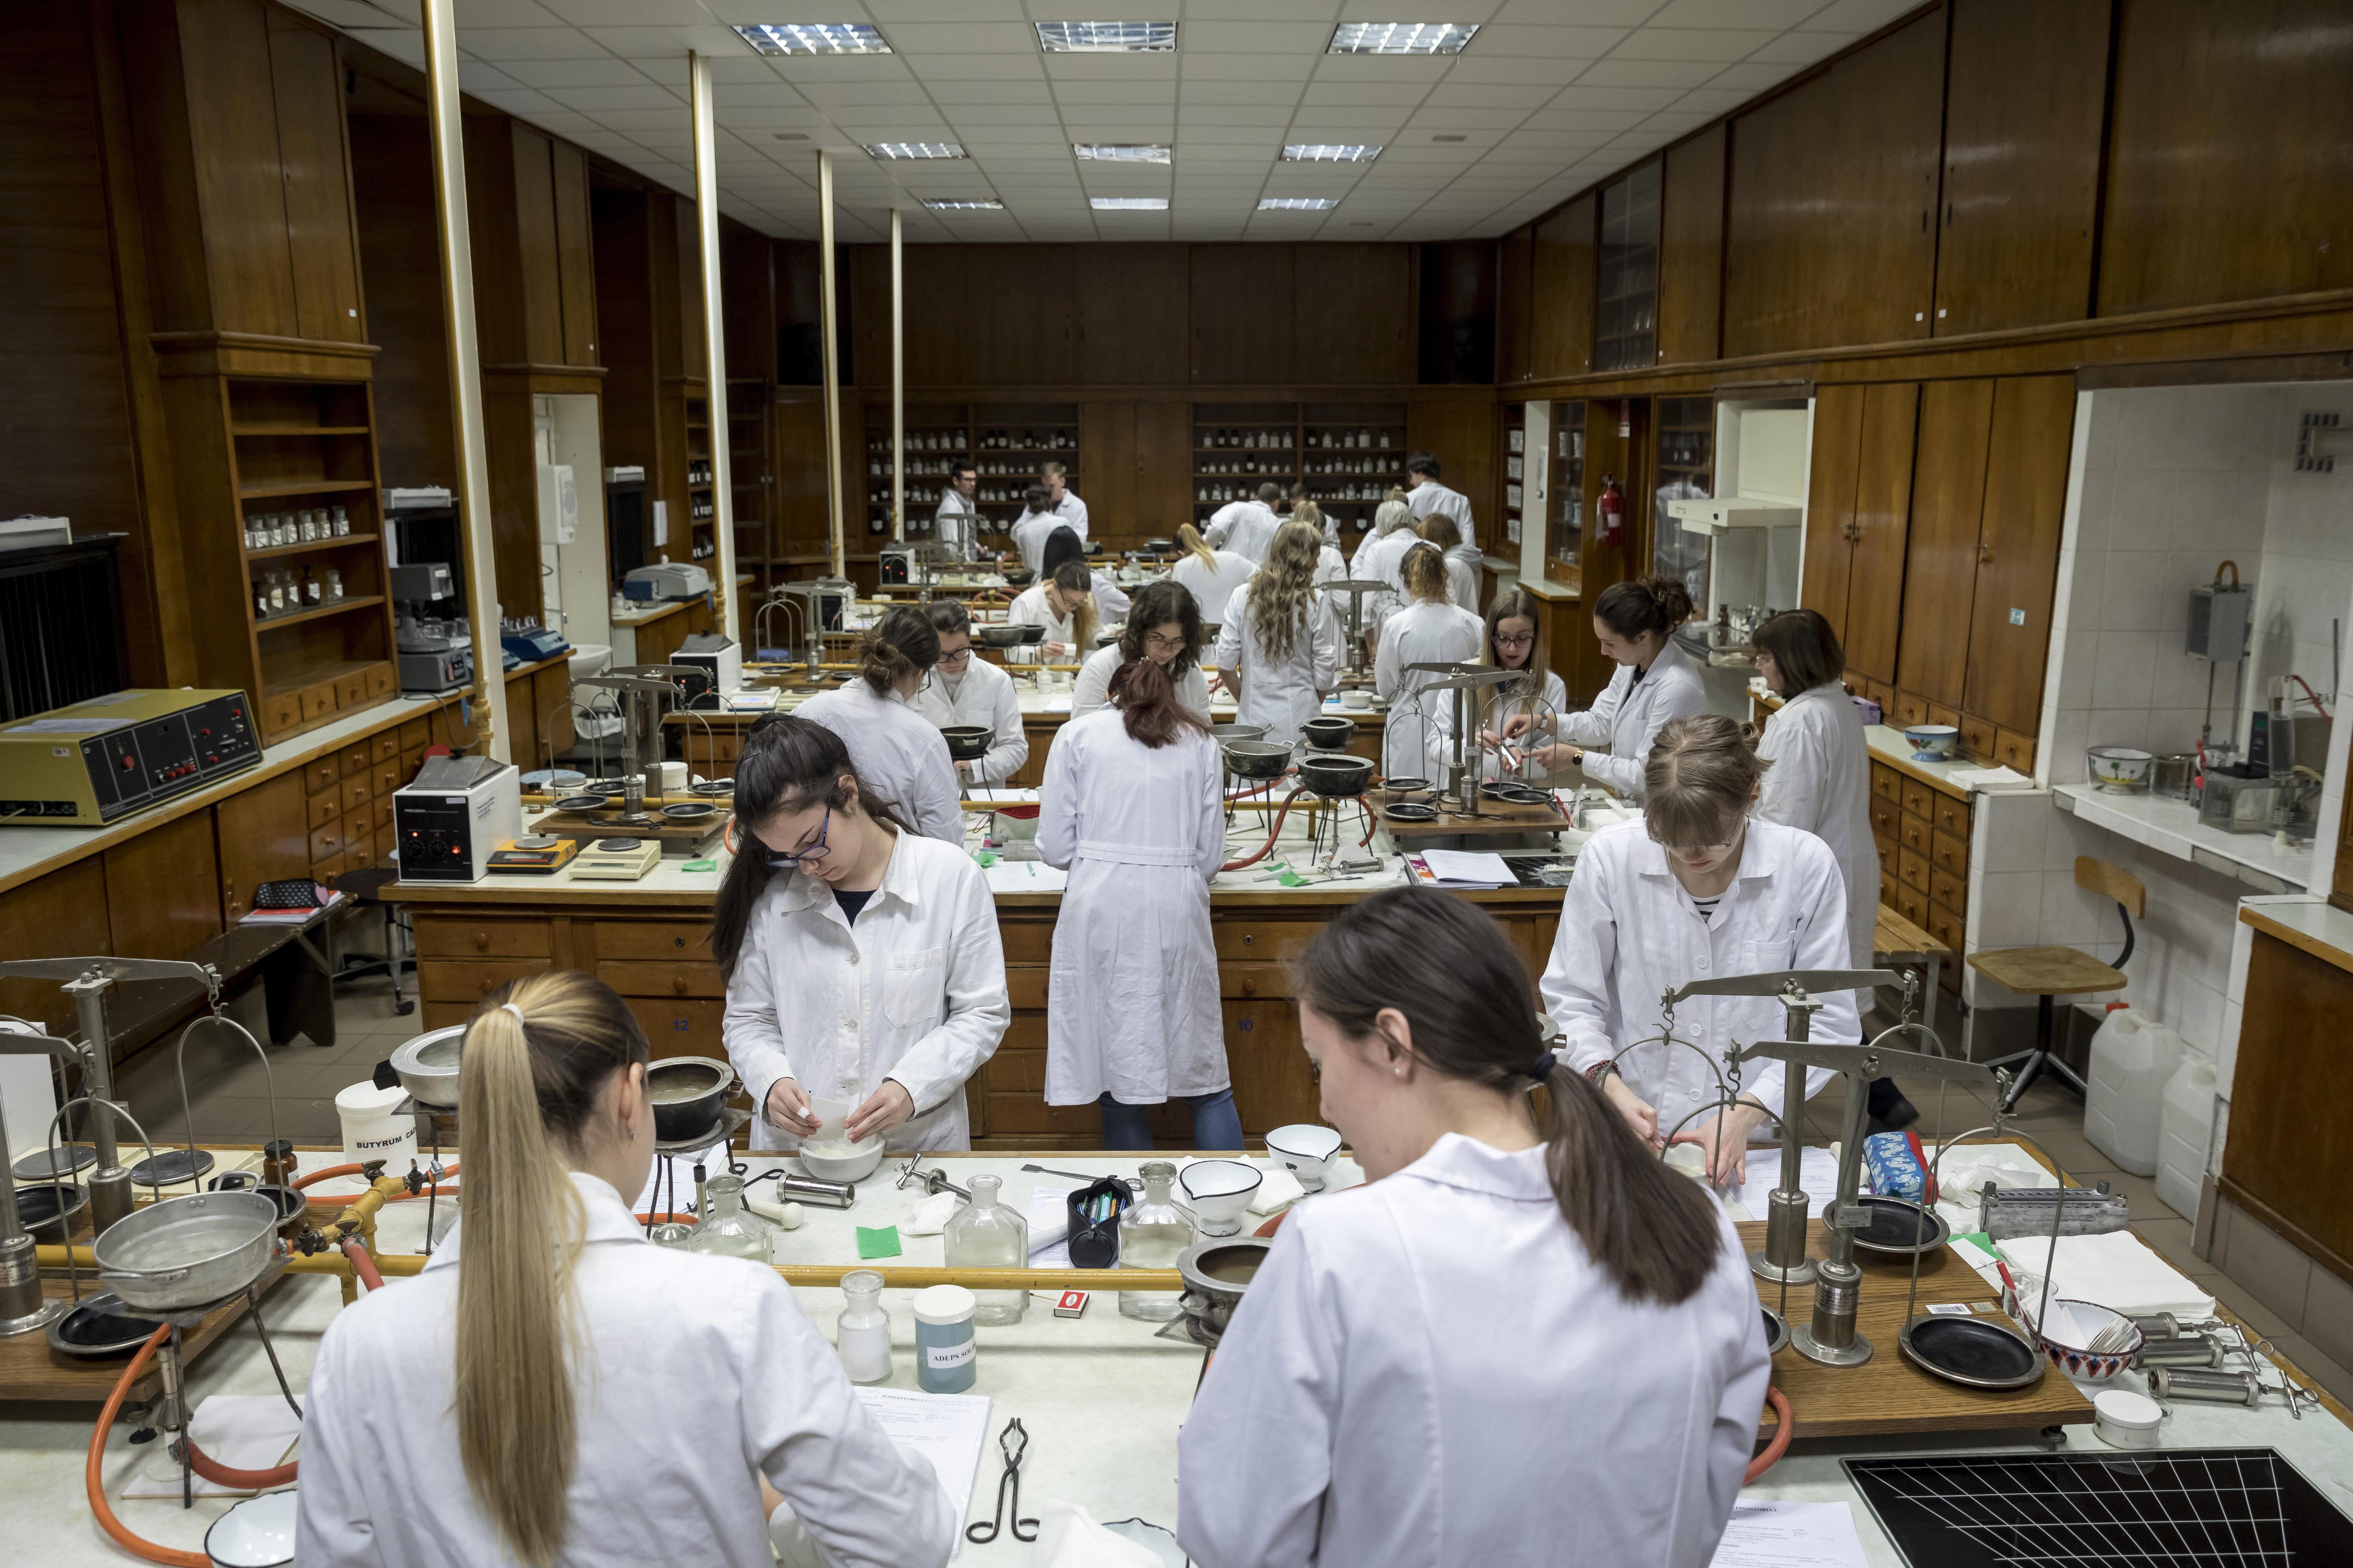 Jövő héttől kötelezően rendelik ki az orvoshallgatókat az Országos Mentőszolgálathoz